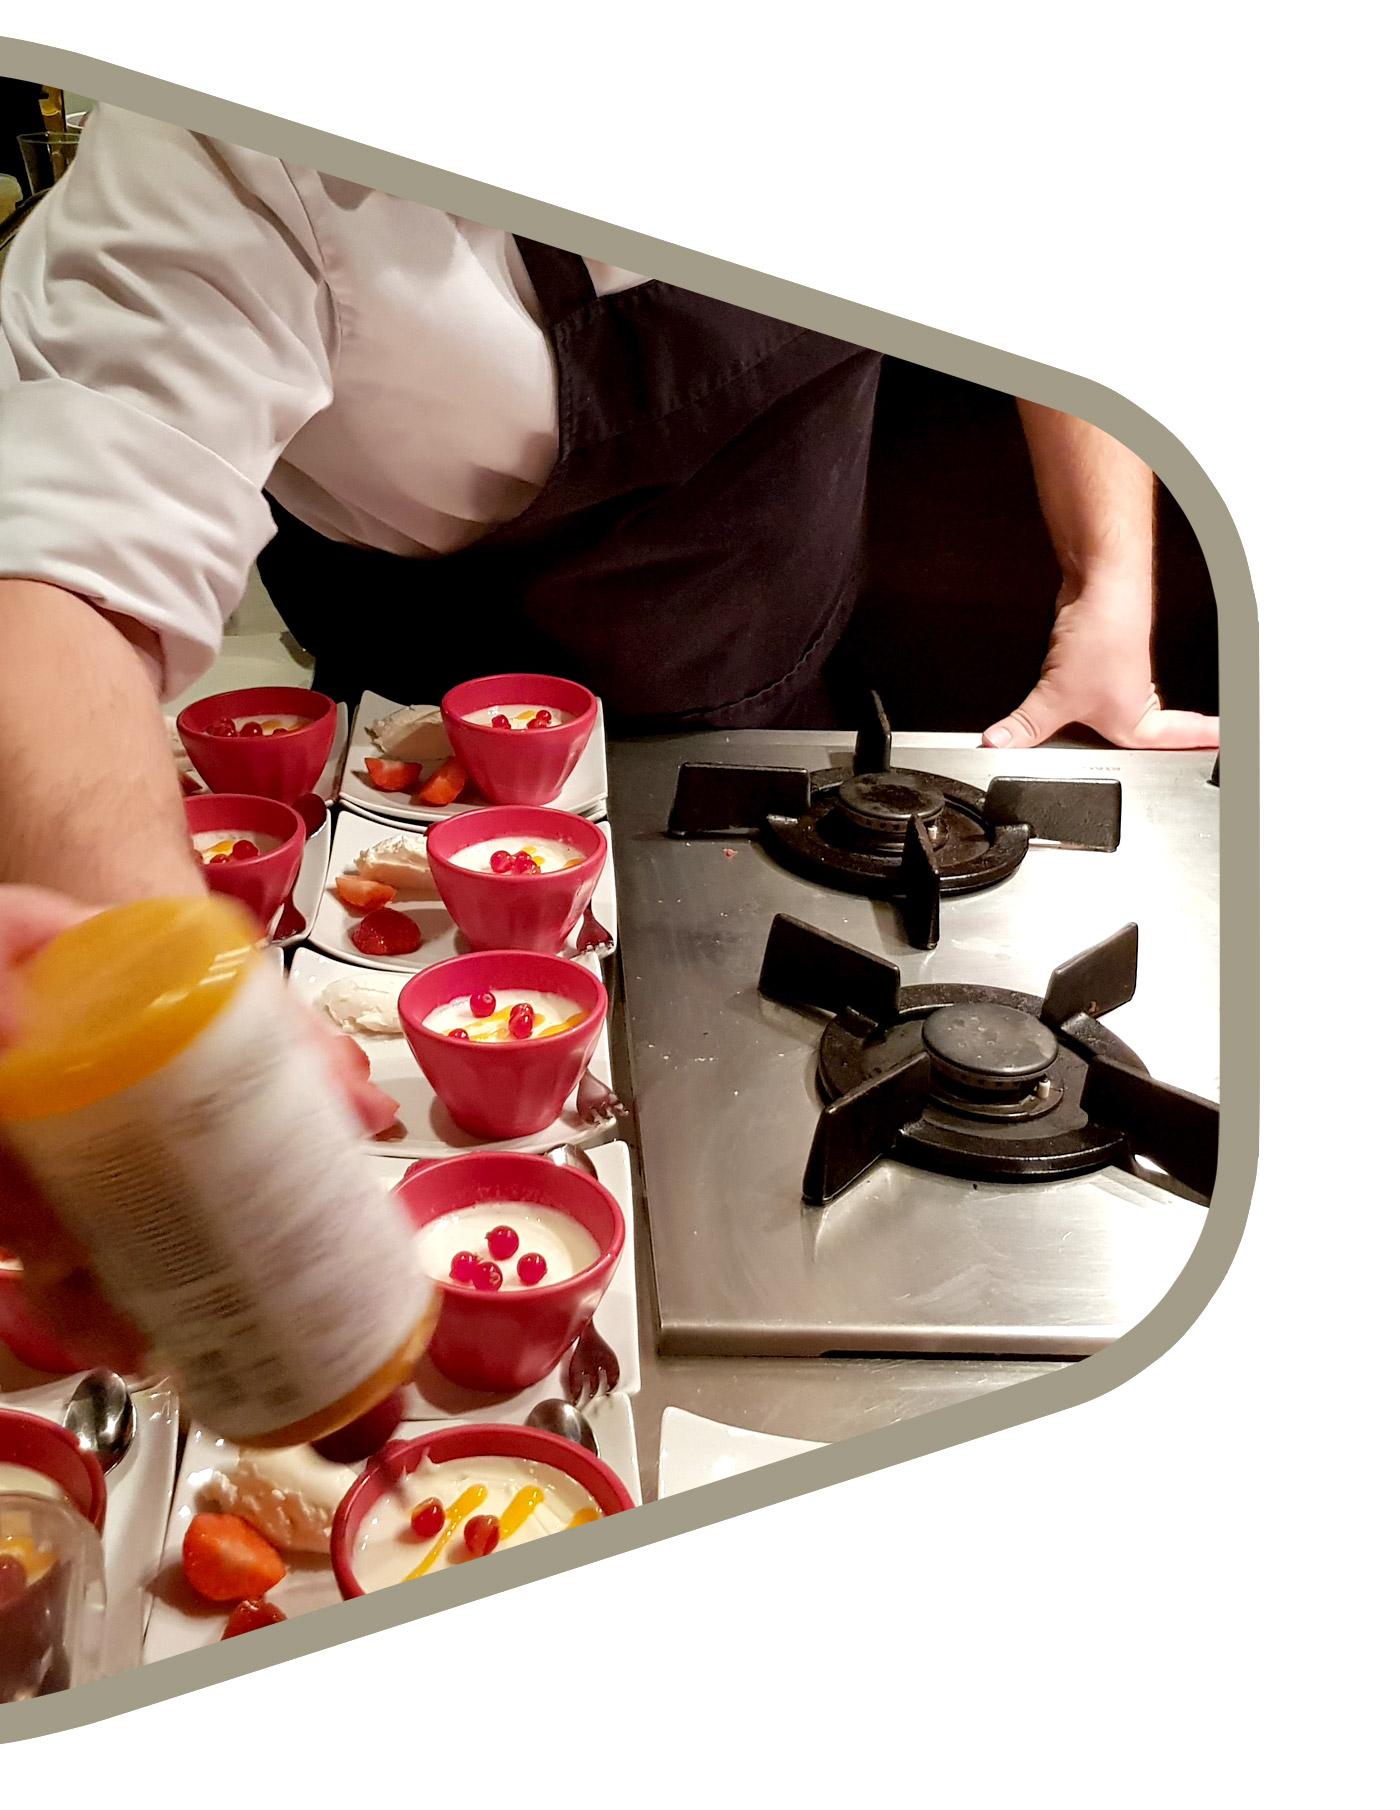 https://dehonneurs.nl/wp-content/uploads/2018/01/de-honneurs-catering-traiteur-004.jpg